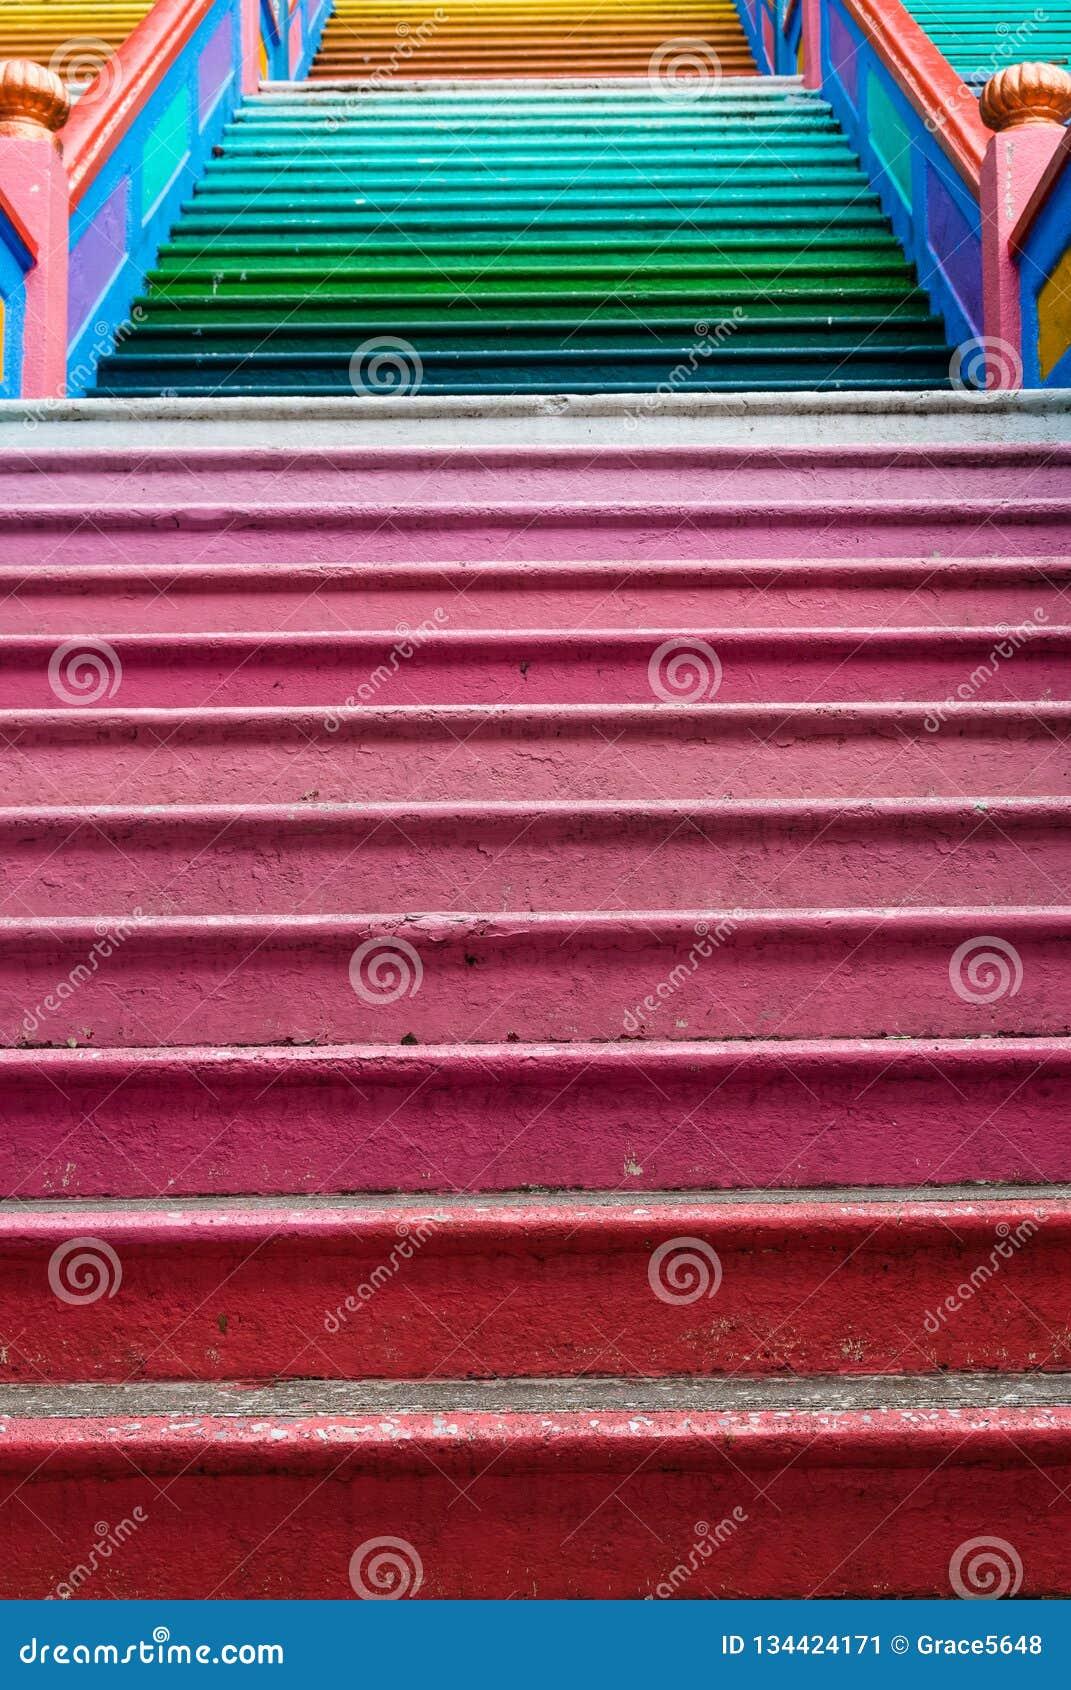 Escalier coloré qui est situé aux cavernes de Batu, Kuala Lumpur